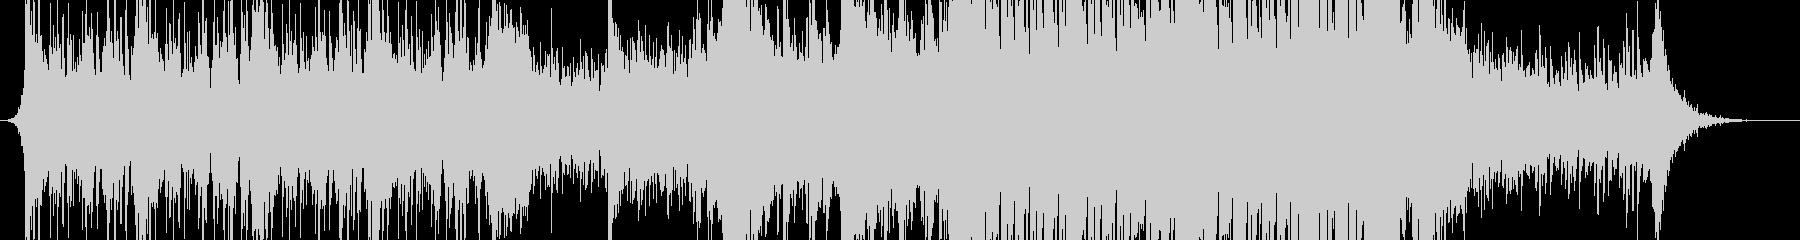 ストリングス主体の壮大なシネマティックの未再生の波形